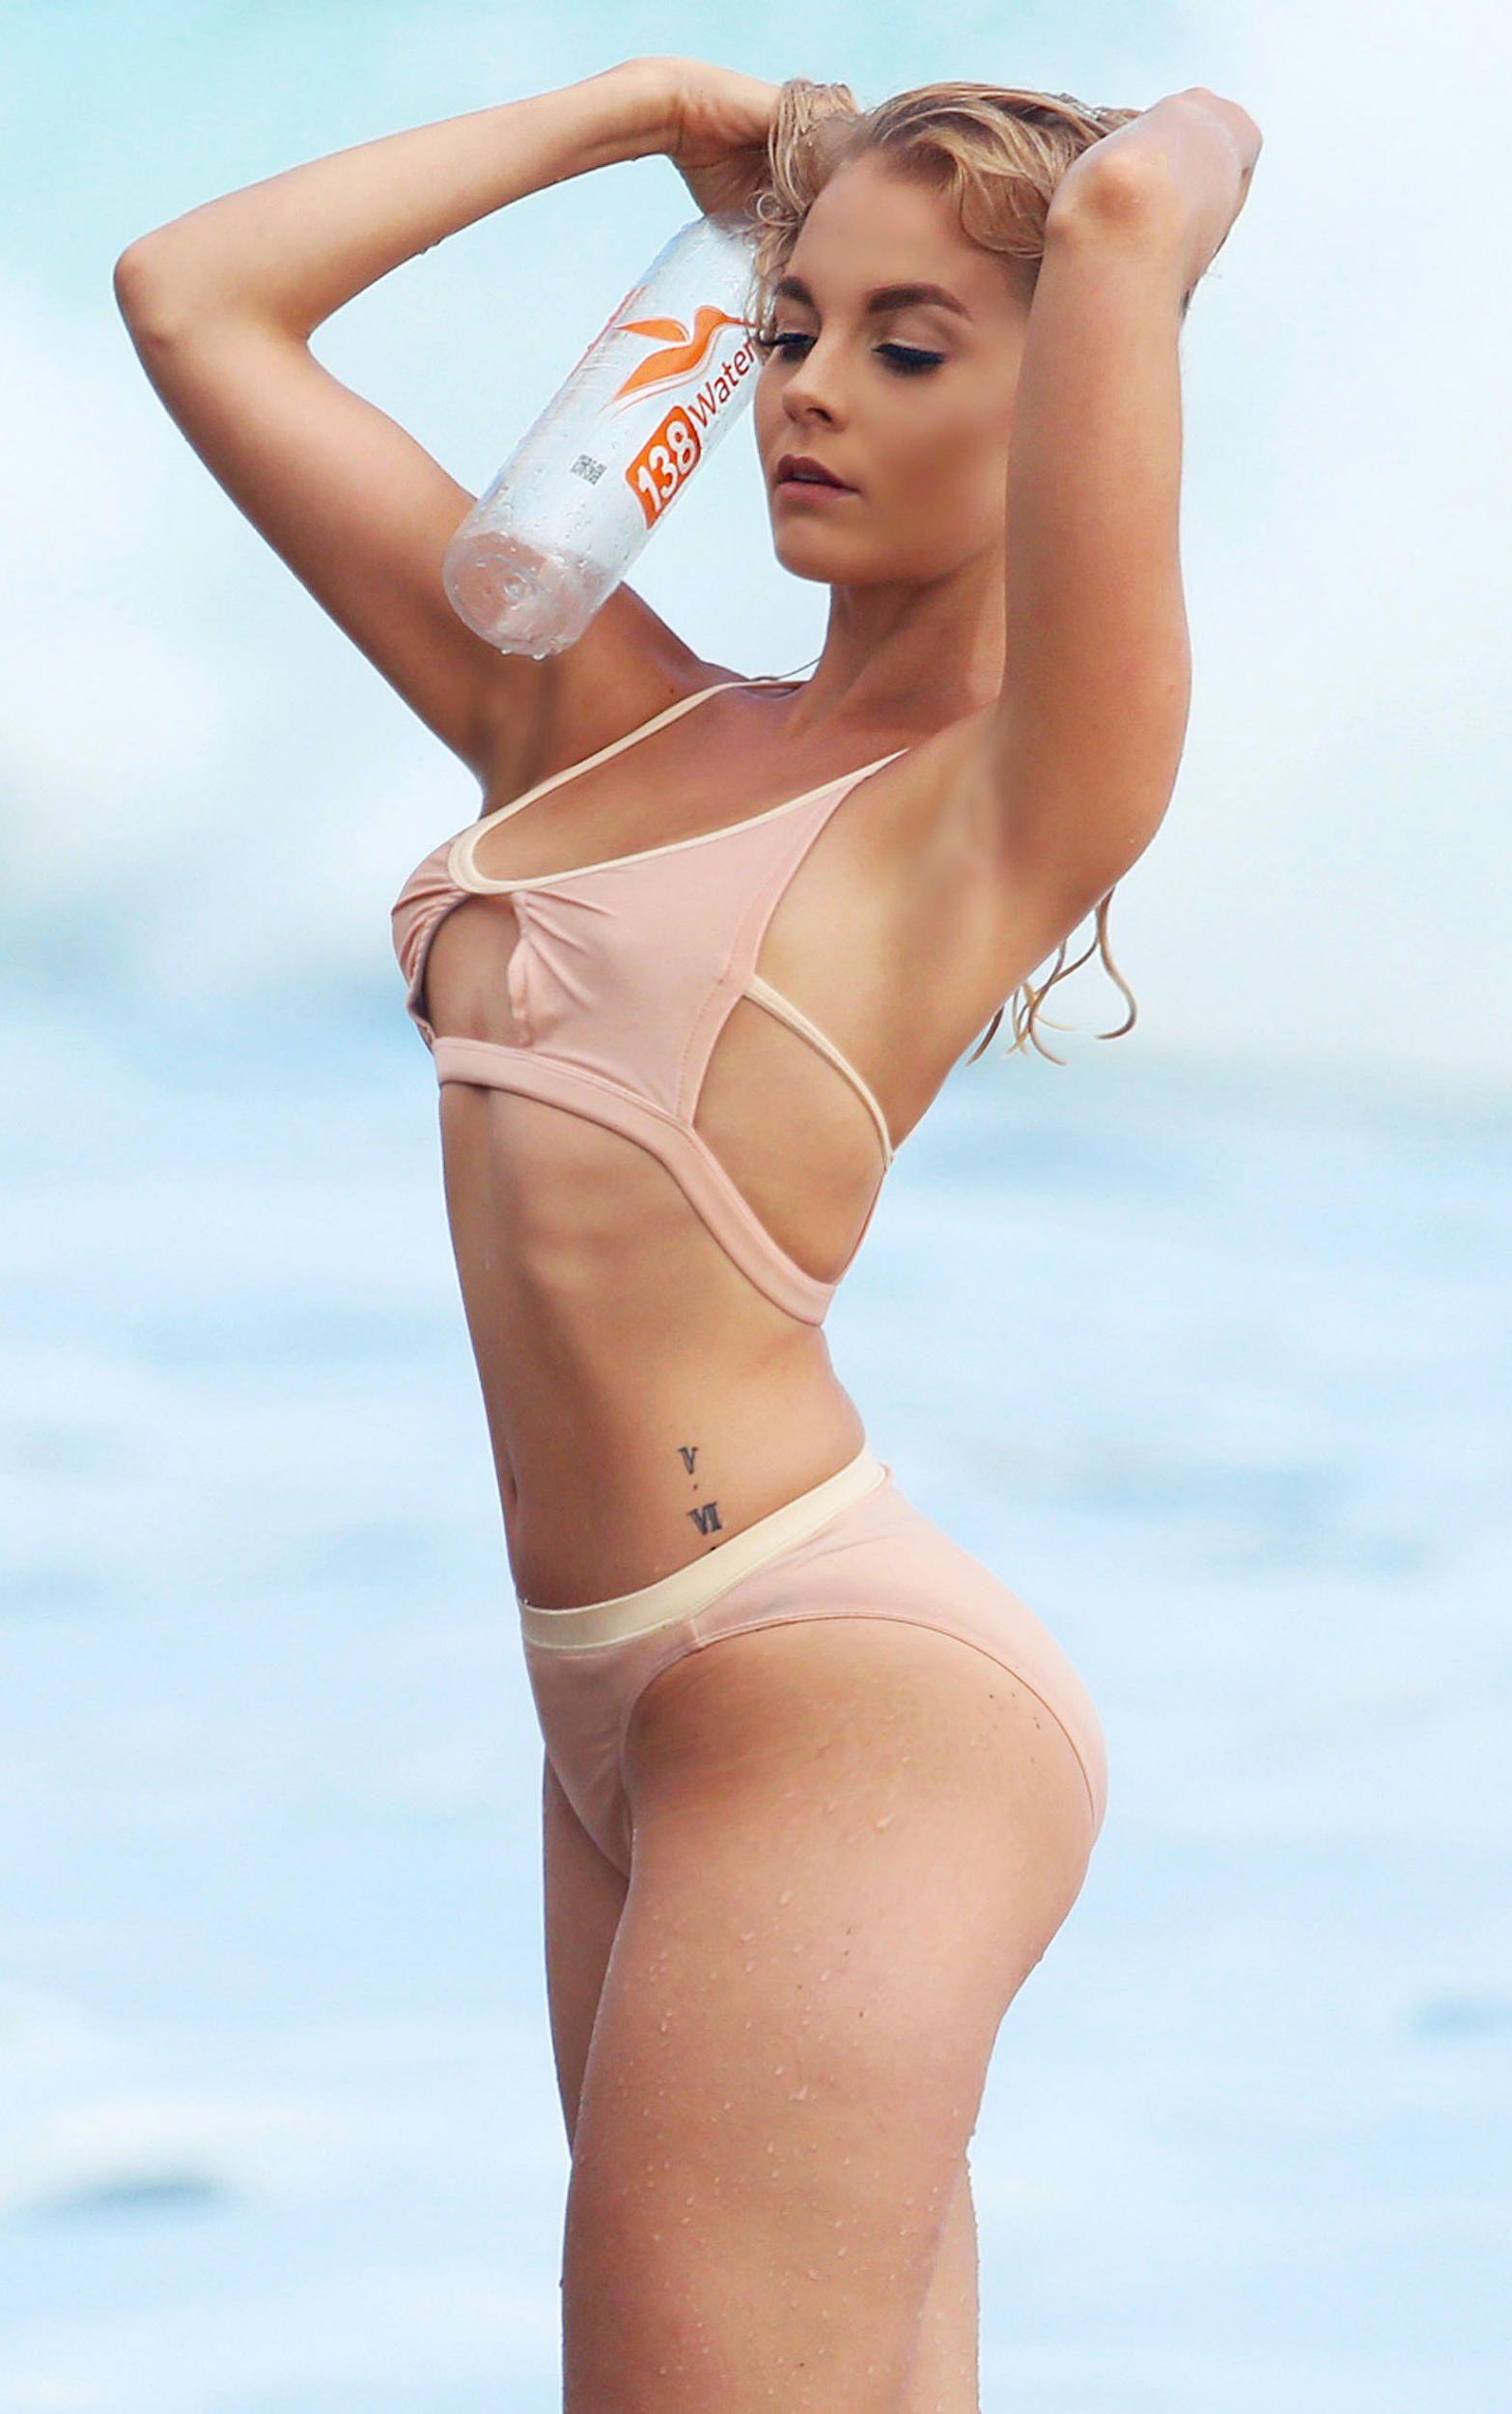 Nathalie-Fust-Sexy-4